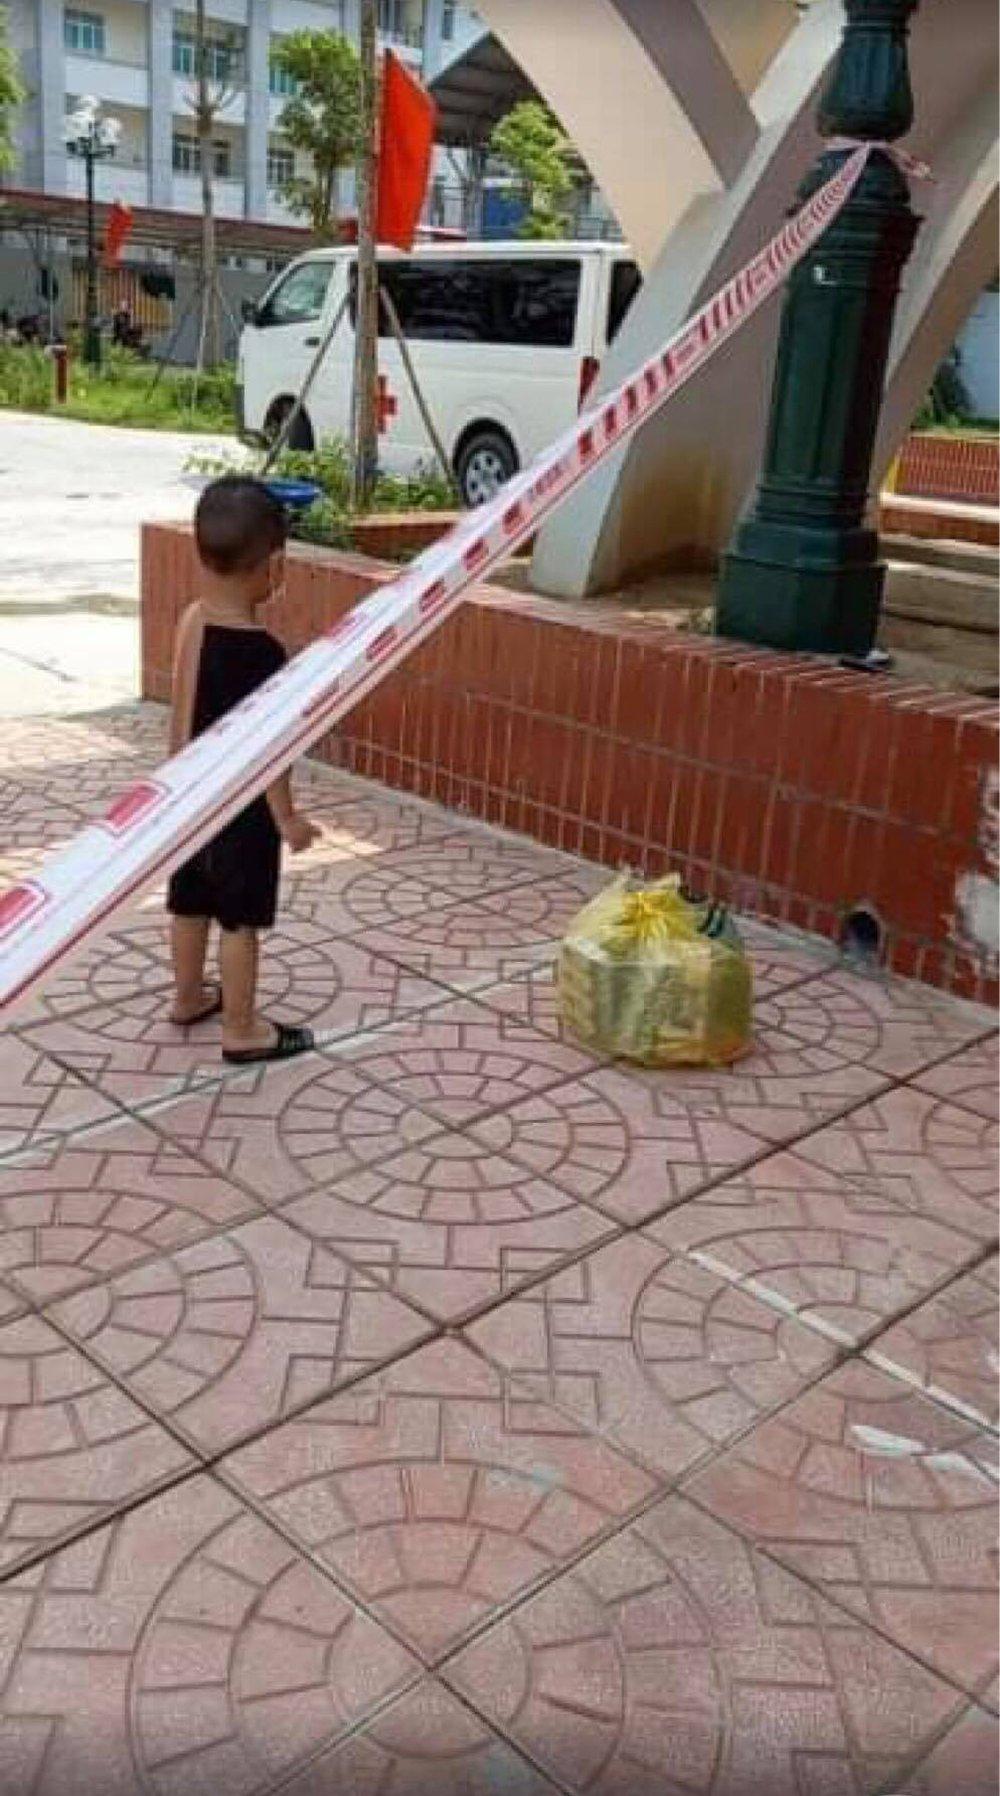 Bé trai 6 tuổi một mình đi nhận kết quả dương tính Covid-19: Ánh mắt ngơ ngác, ngồi nép vào cánh cửa - Ảnh 4.